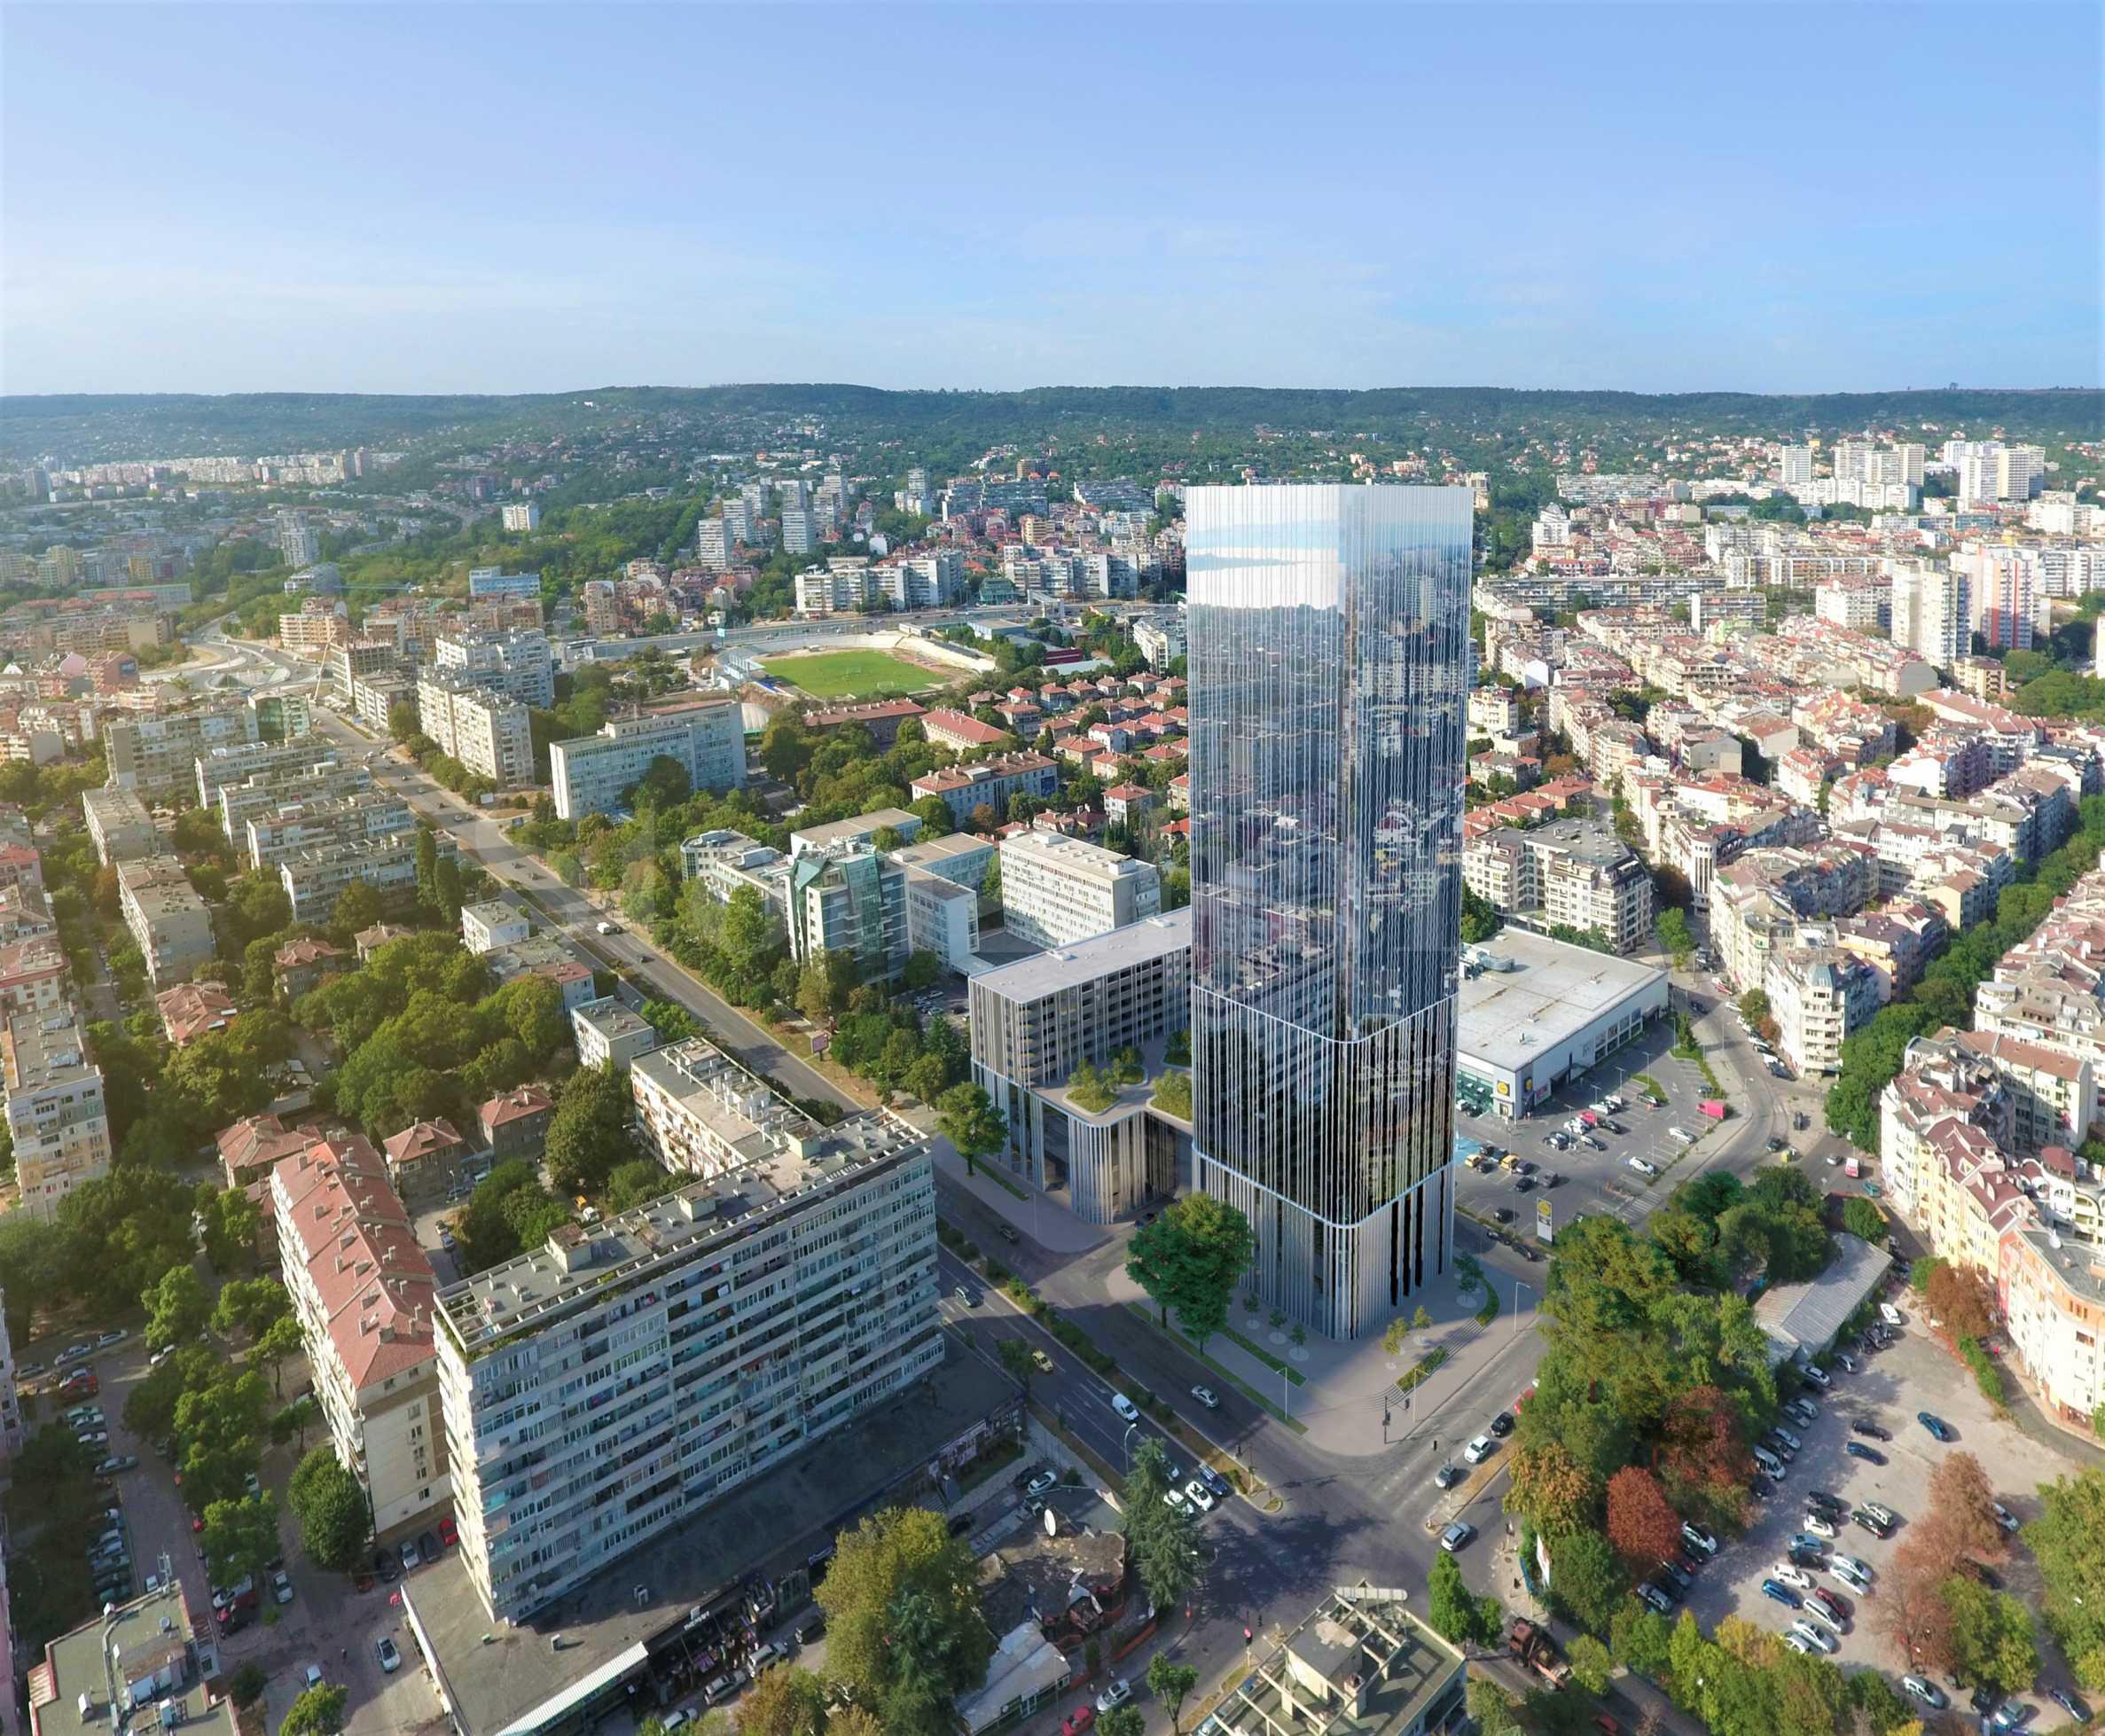 Предварителни продажби на апартаменти в новия небостъргач във Варна1 - Stonehard